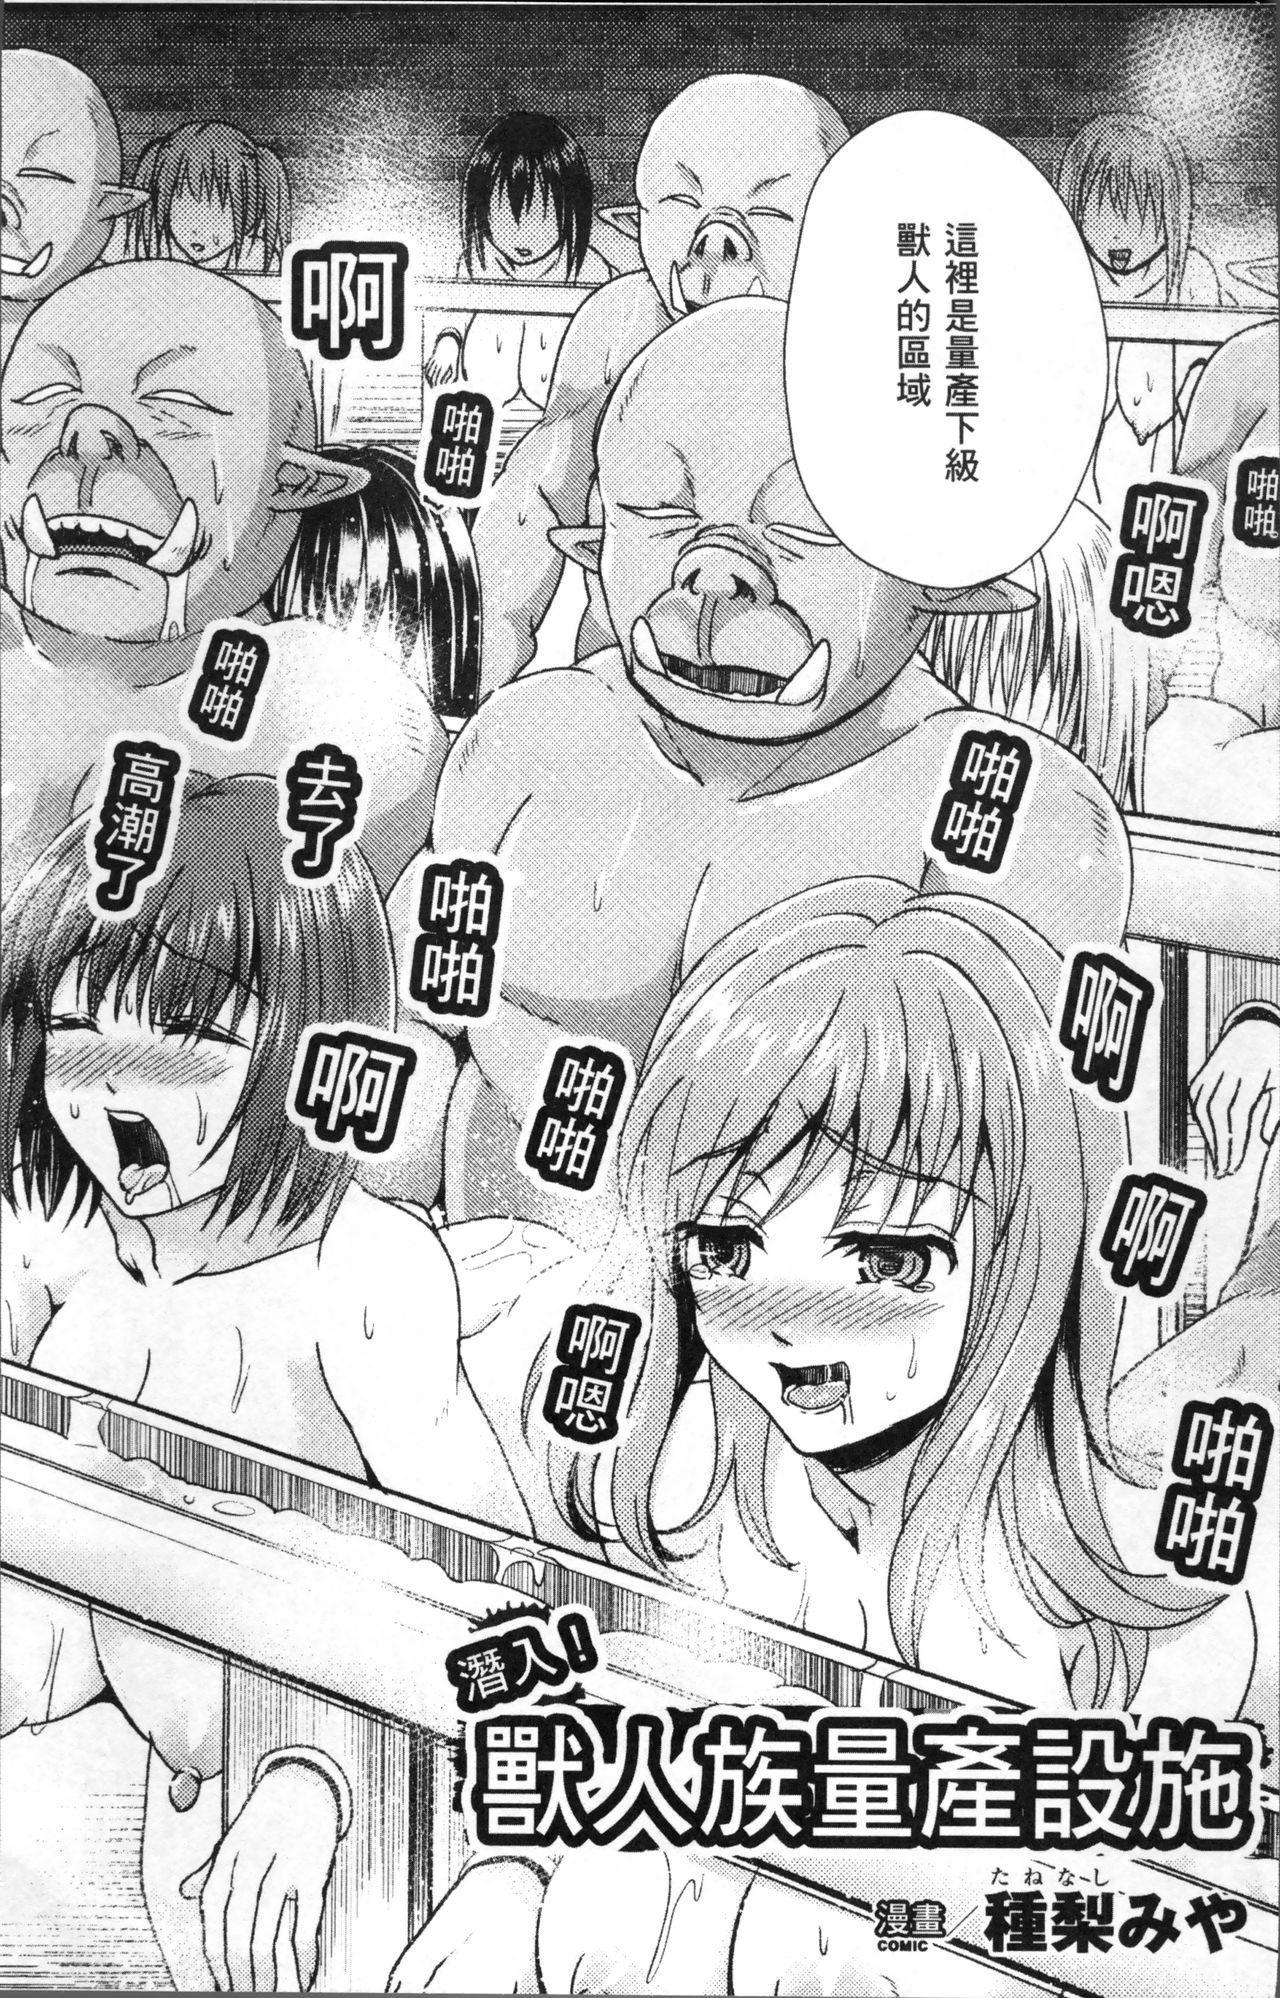 Bessatsu Comic Unreal Ningen Bokujou Hen 4 111